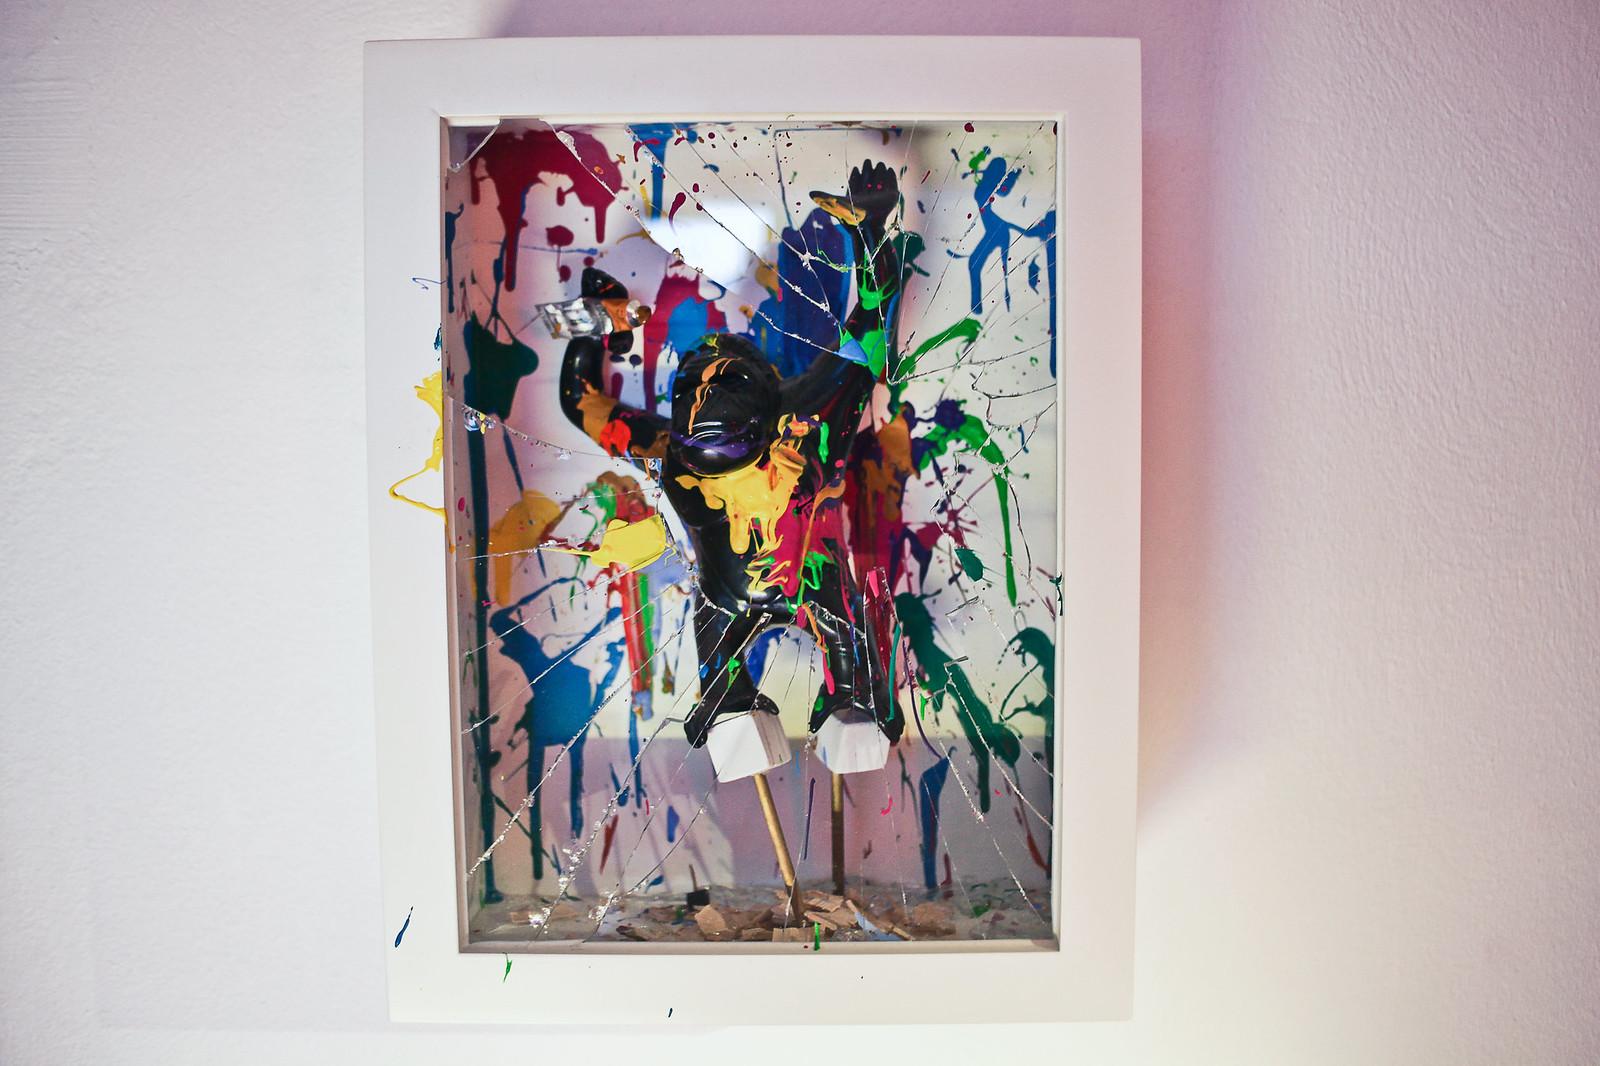 Millerntor Gallery Streetart Holzweg